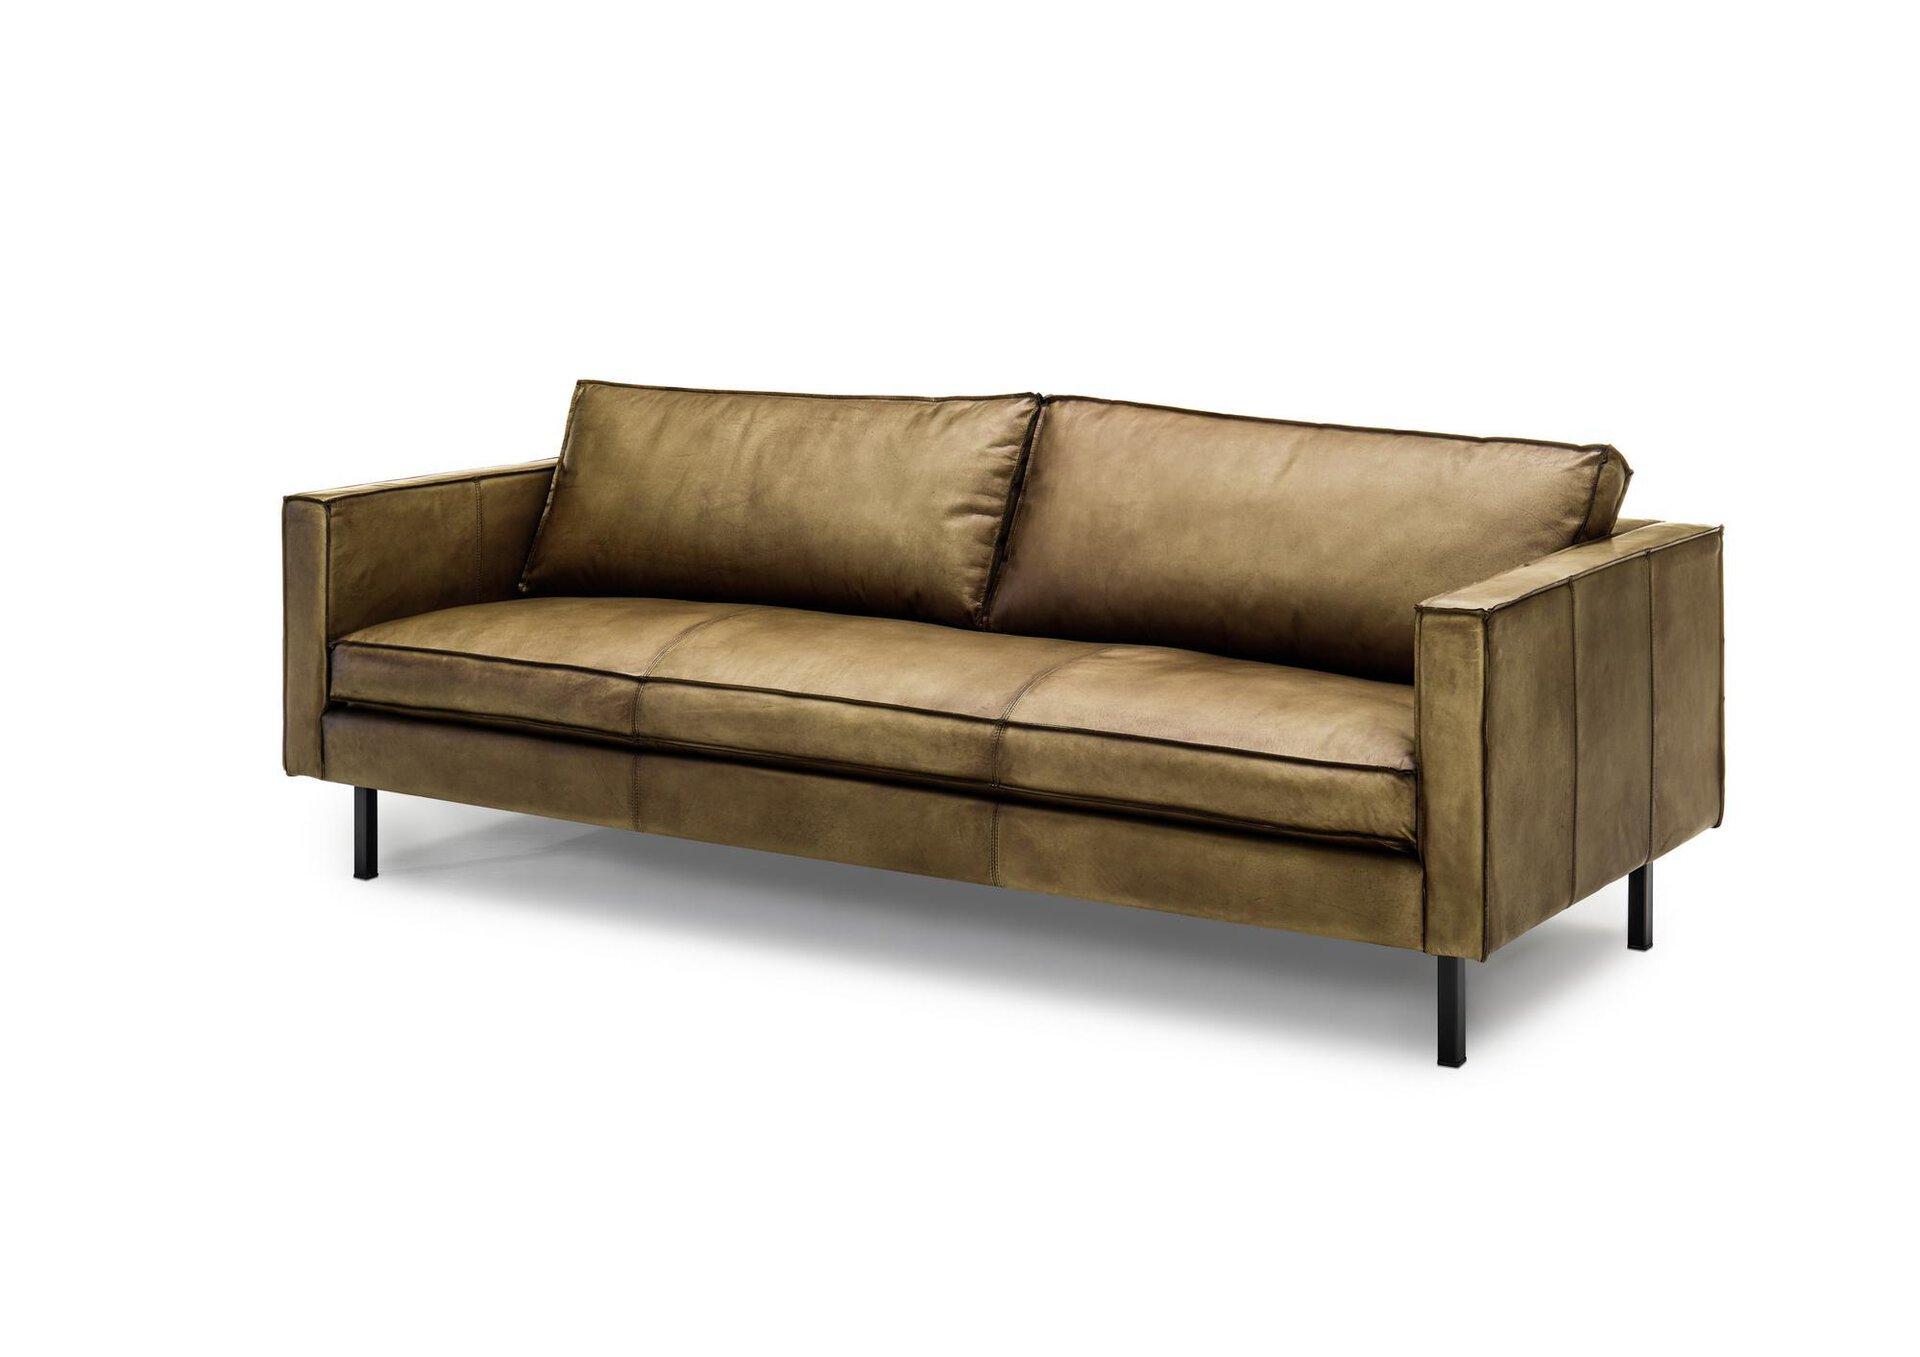 Sofa 3-Sitzer WK6001 FINLAND 231 WK Wohnen Edition Leder braun 93 x 82 x 221 cm